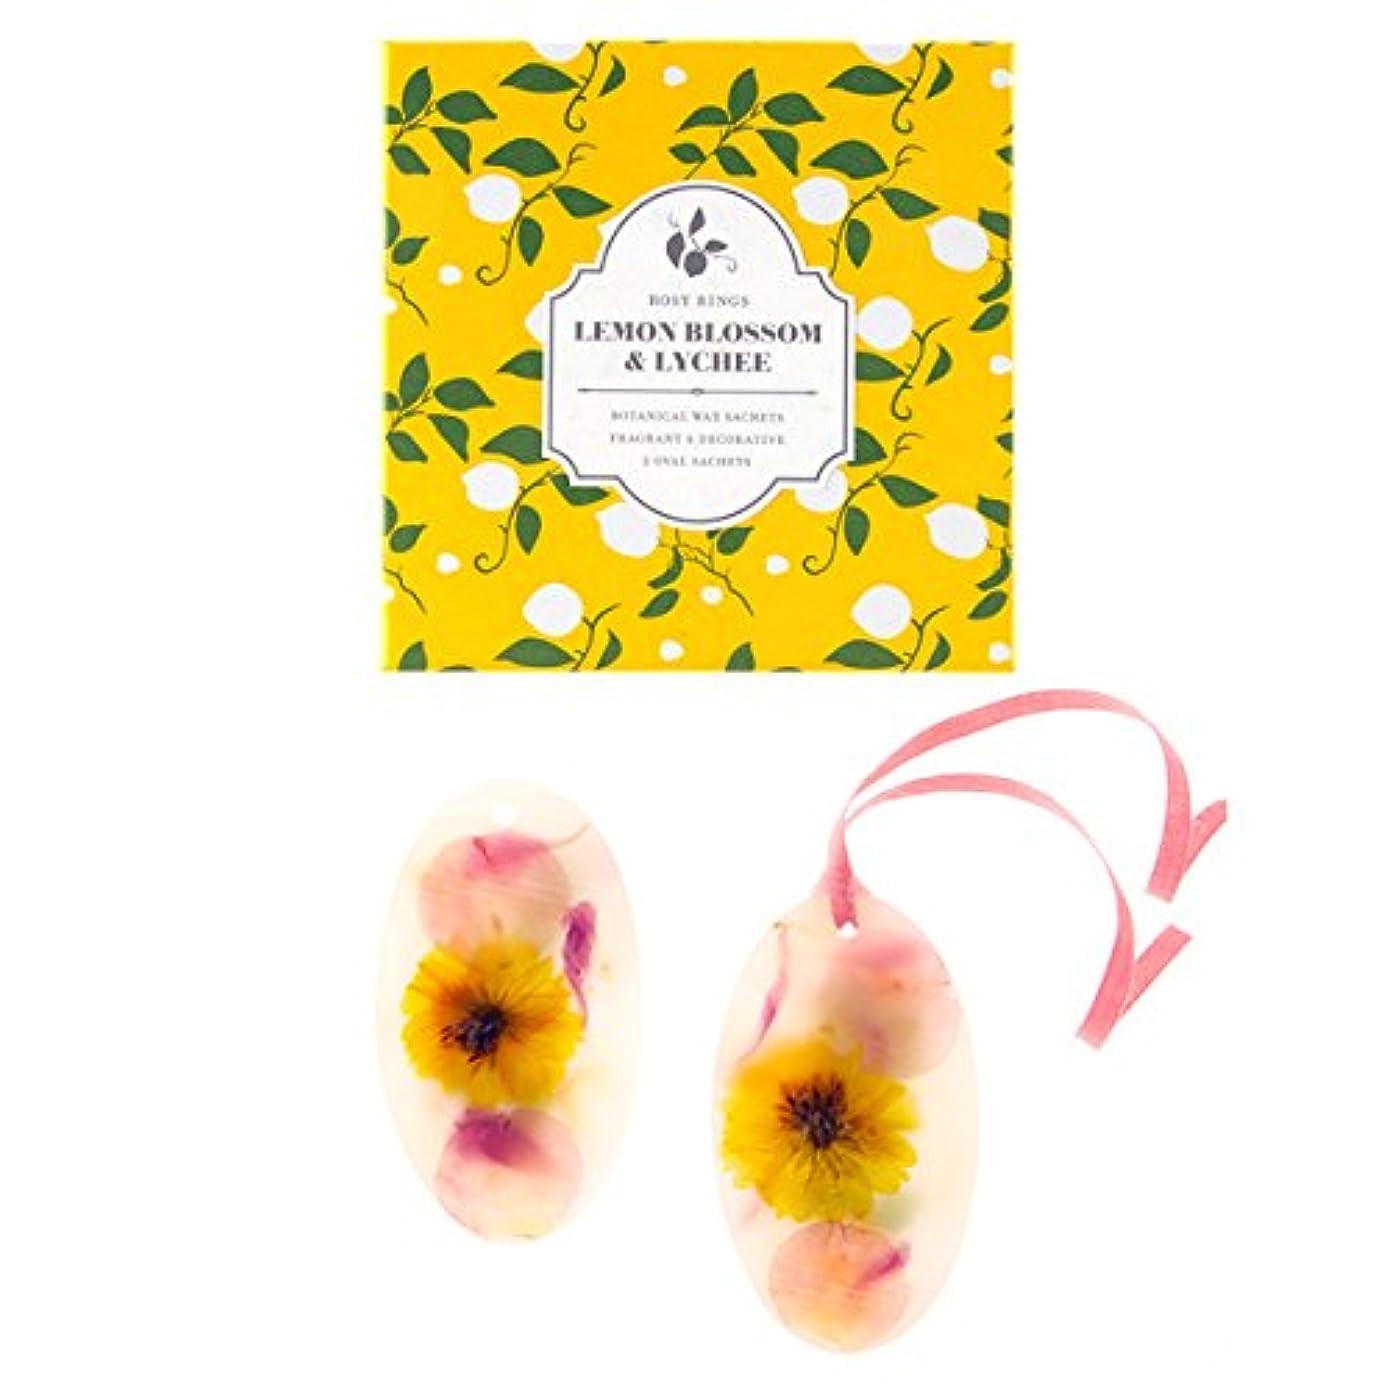 ピット契約高潔なロージーリングス ボタニカルワックスサシェ オーバル レモンブロッサム&ライチ ROSY RINGS Signature Collection Botanical Wax Sachets – Lemon Blossom & Lychee